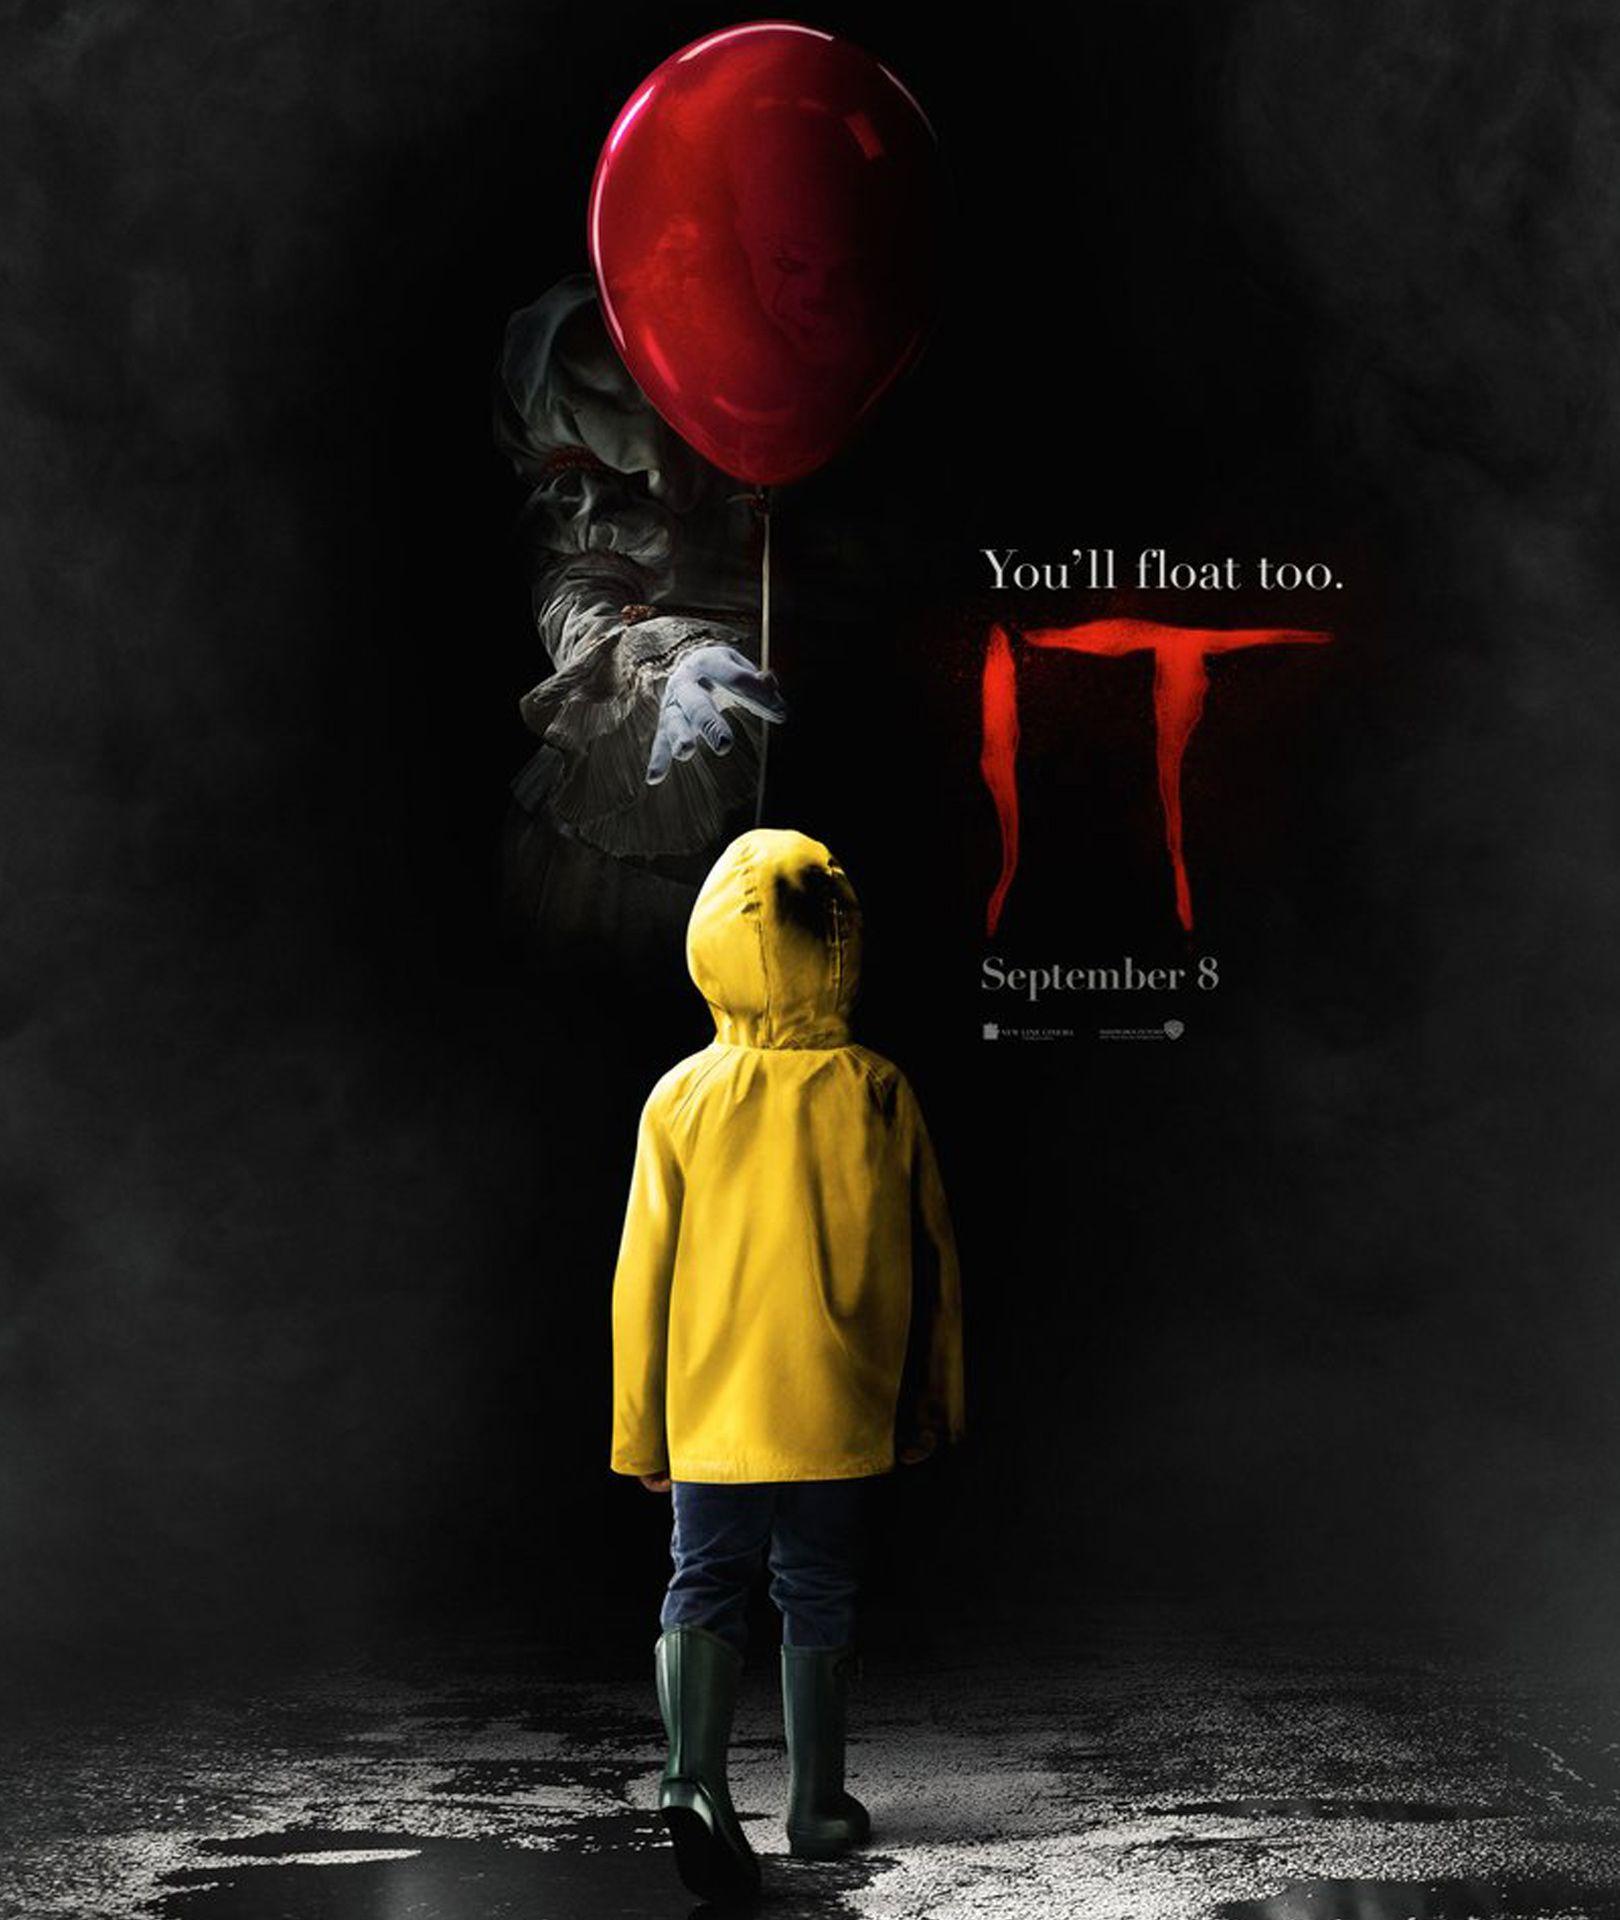 Wallpaper It Clown Bill Skarsgard Horror 2017 Hd: Horror Movie Posters, Scary Movies